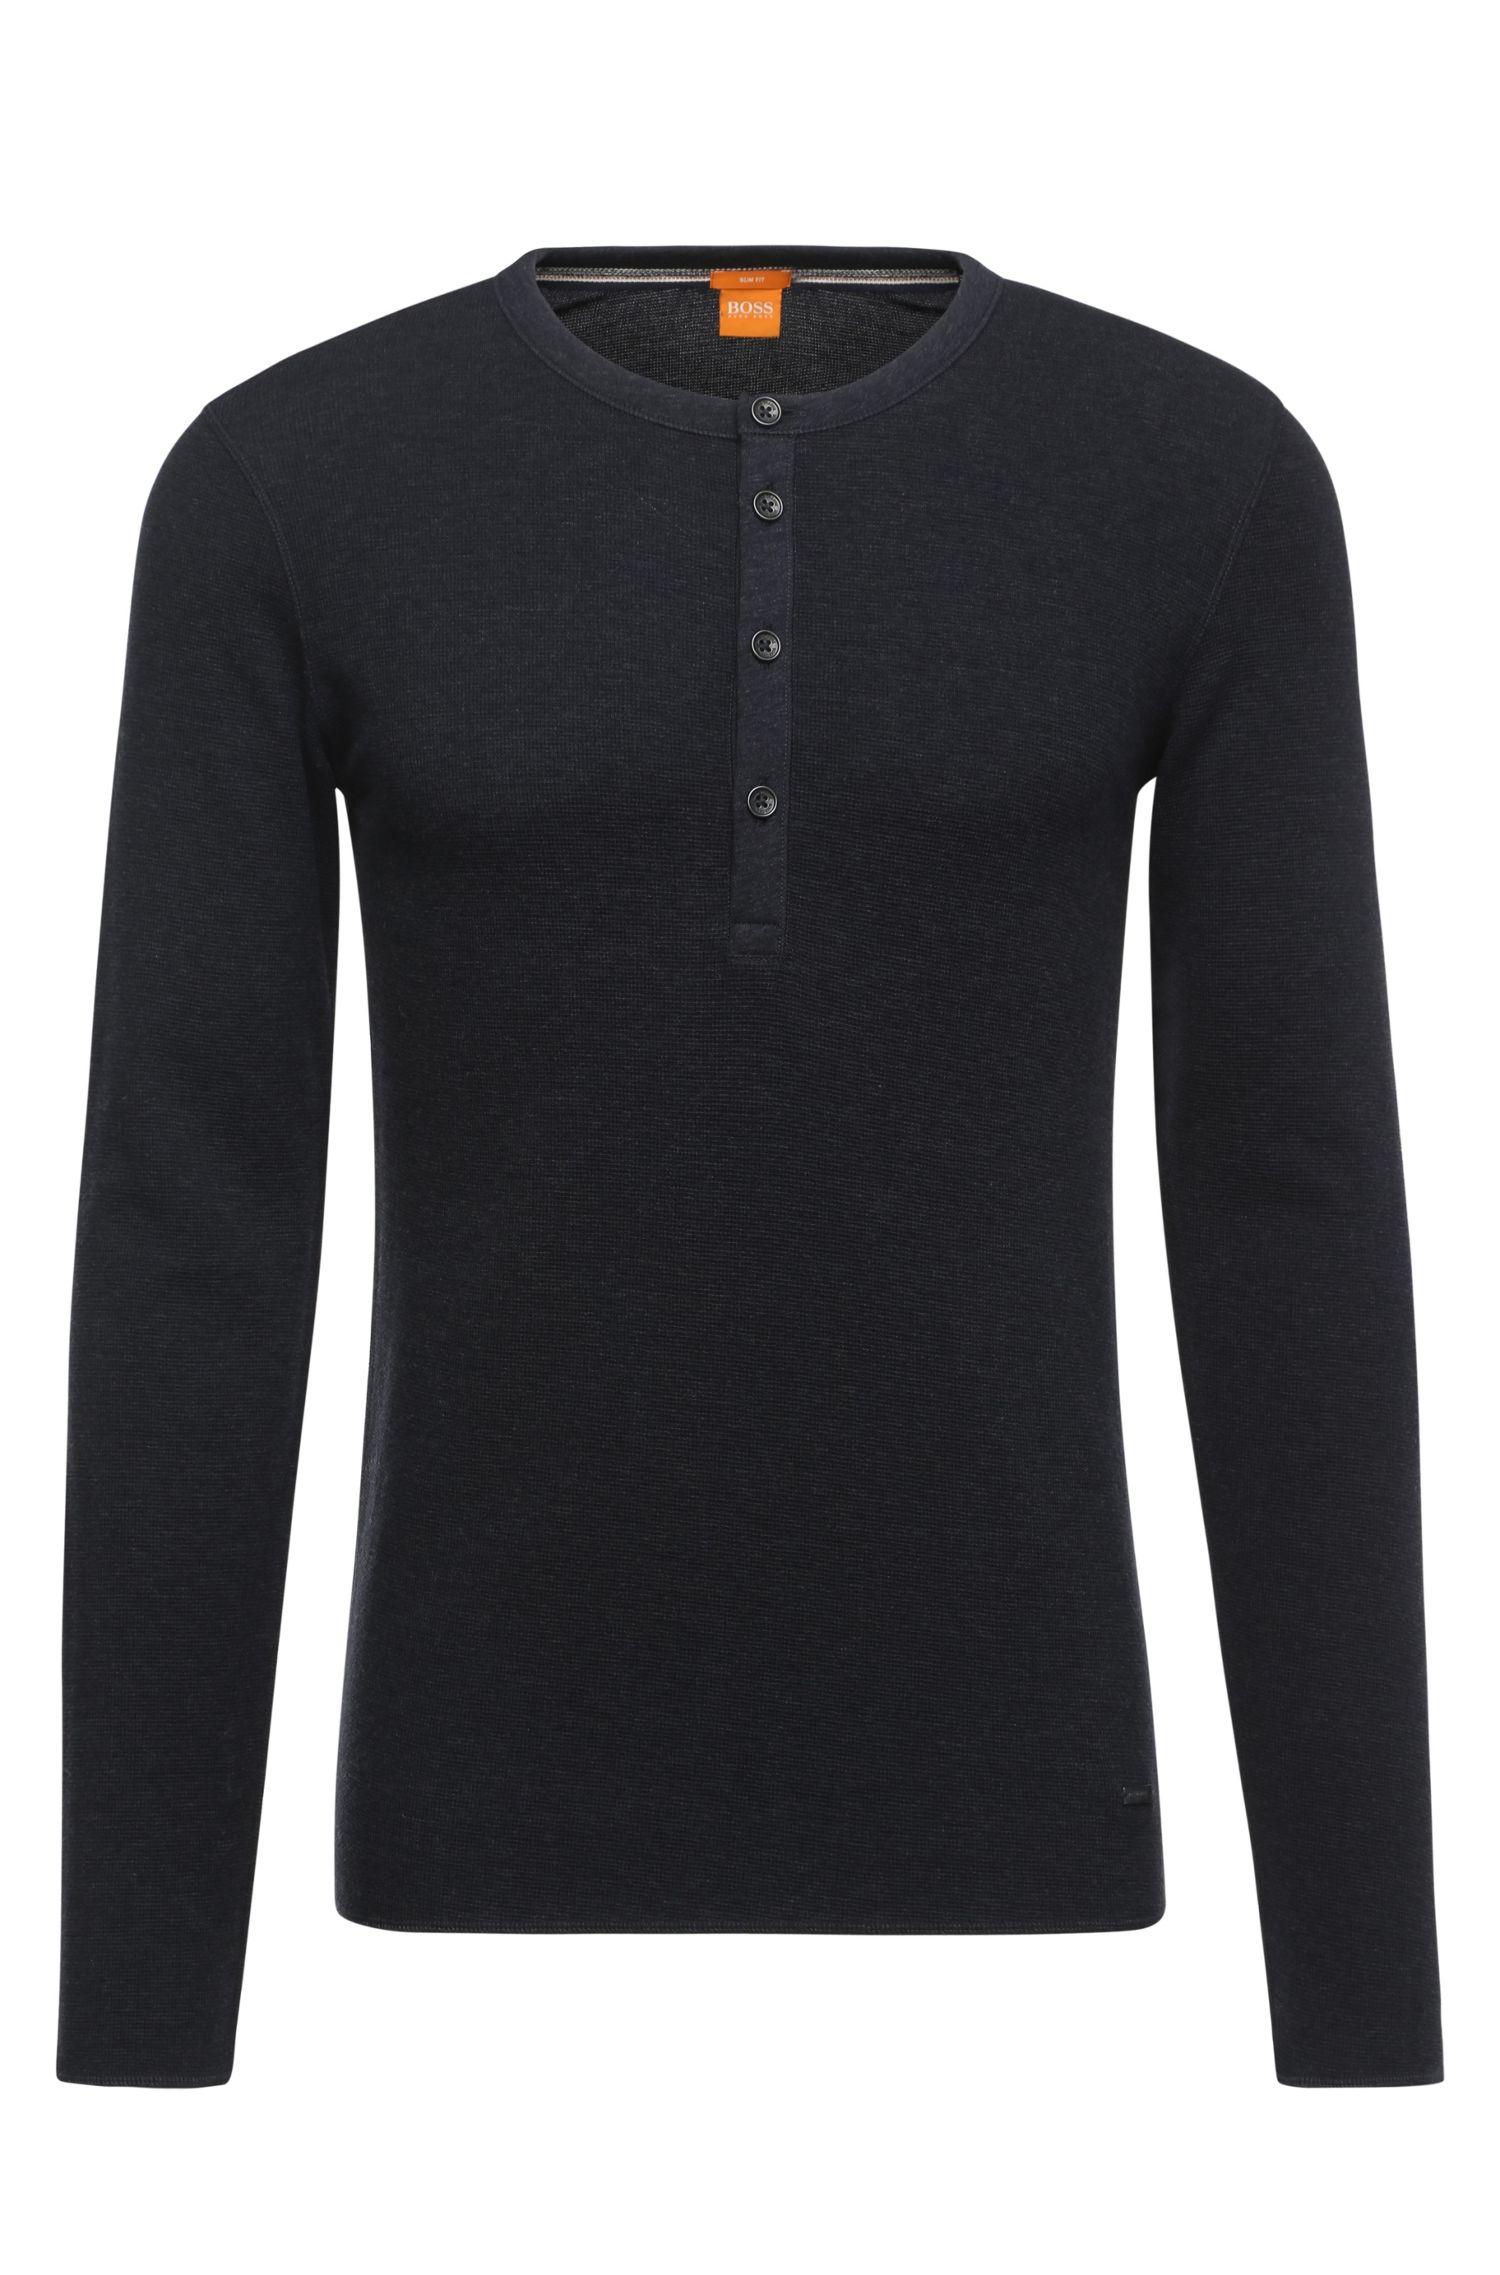 Camiseta Henley slim fit en algodón puro con textura gofrada: 'Topsider'